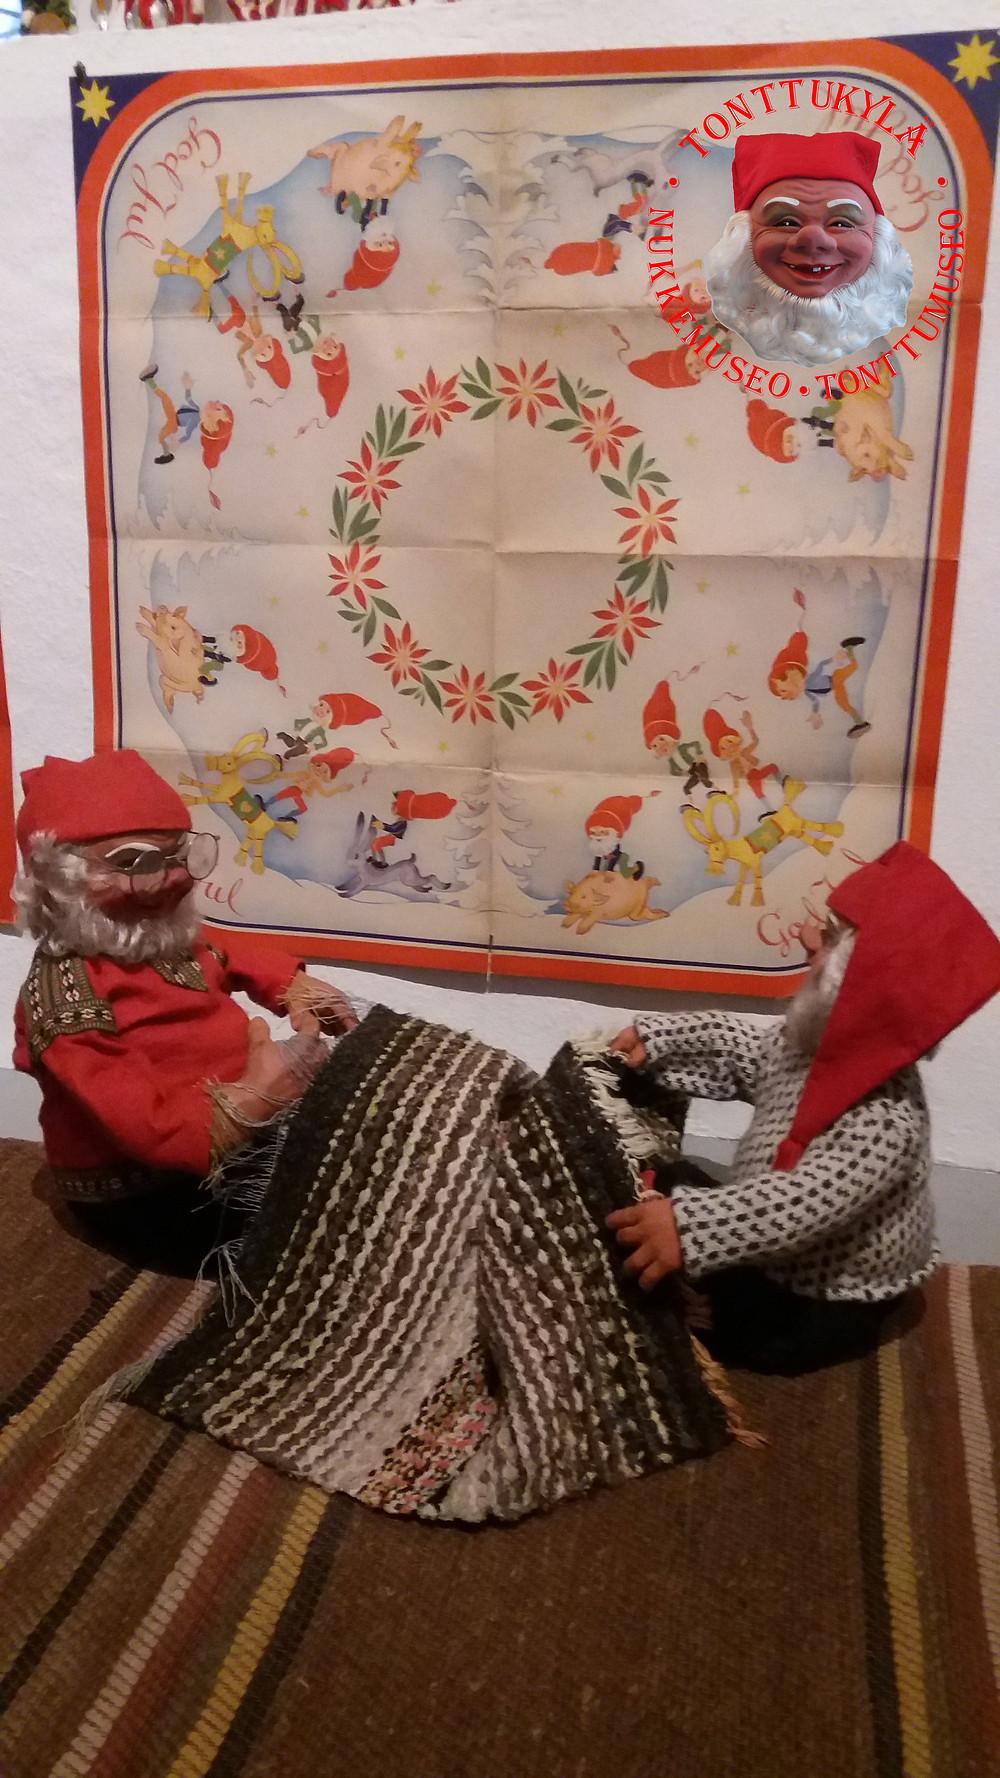 Räsymatto, riepumatto, mattojen uusiokäyttöä, maton solmiaminen, joulukuusen alusmatto, vanhat matot, vanhat tekstiilit, joulutontut, solmiaminen